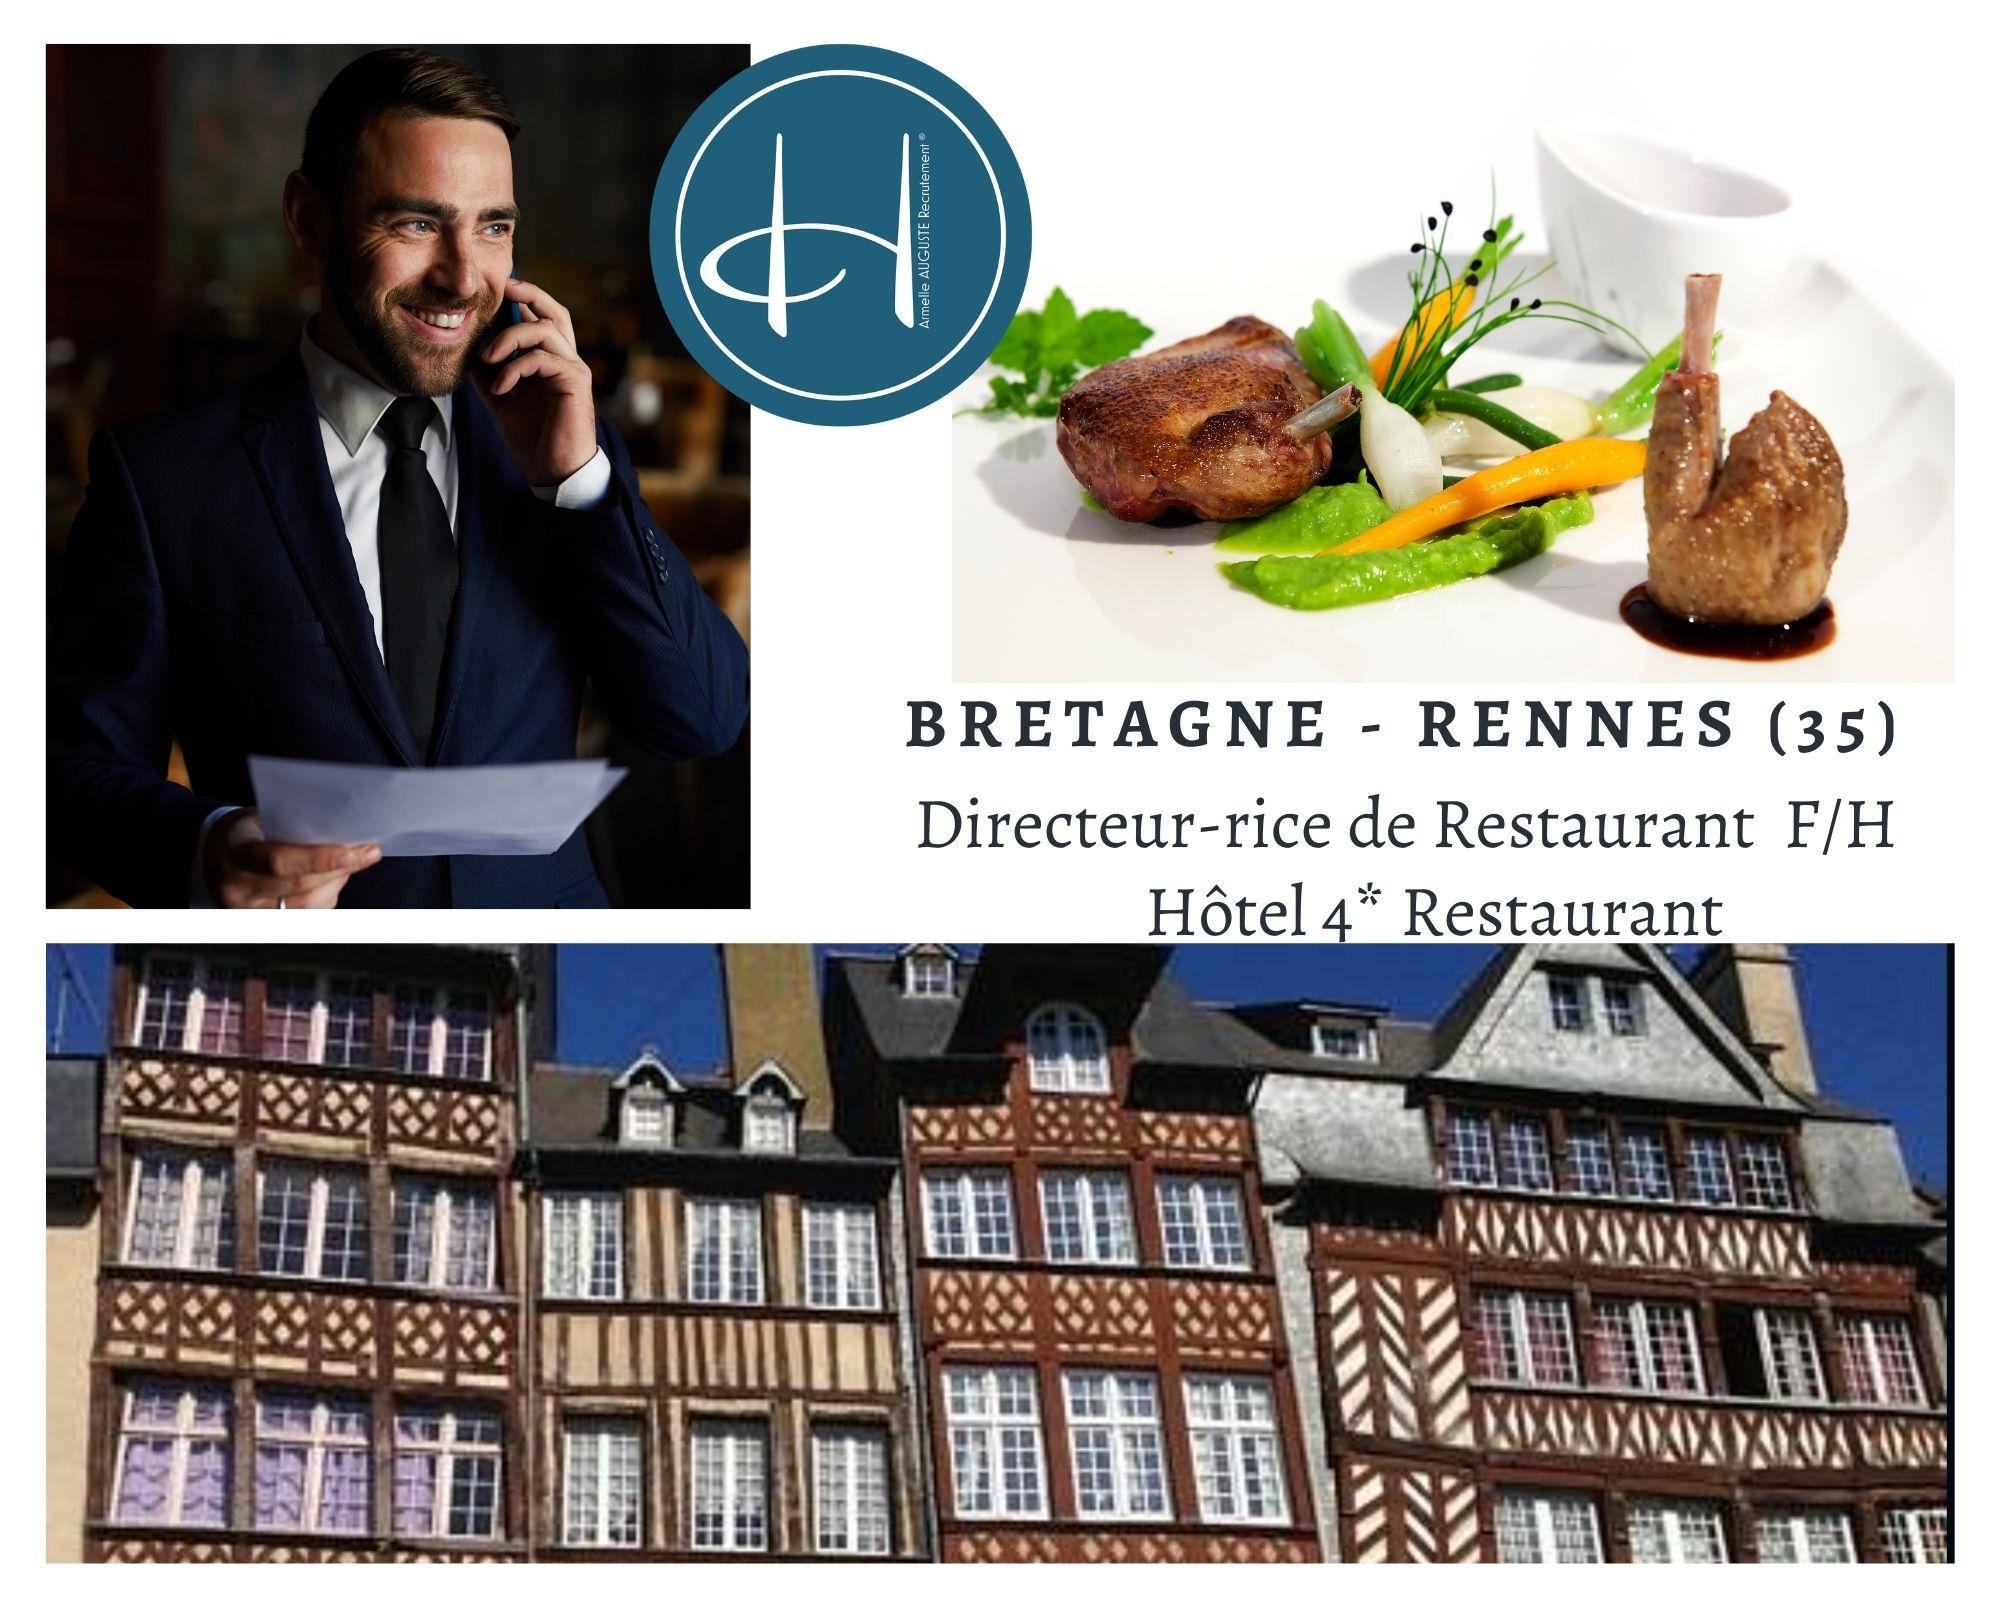 Recrutement: Directeur de restaurant F/H chez Armelle AUGUSTE Recrutement® à Rennes